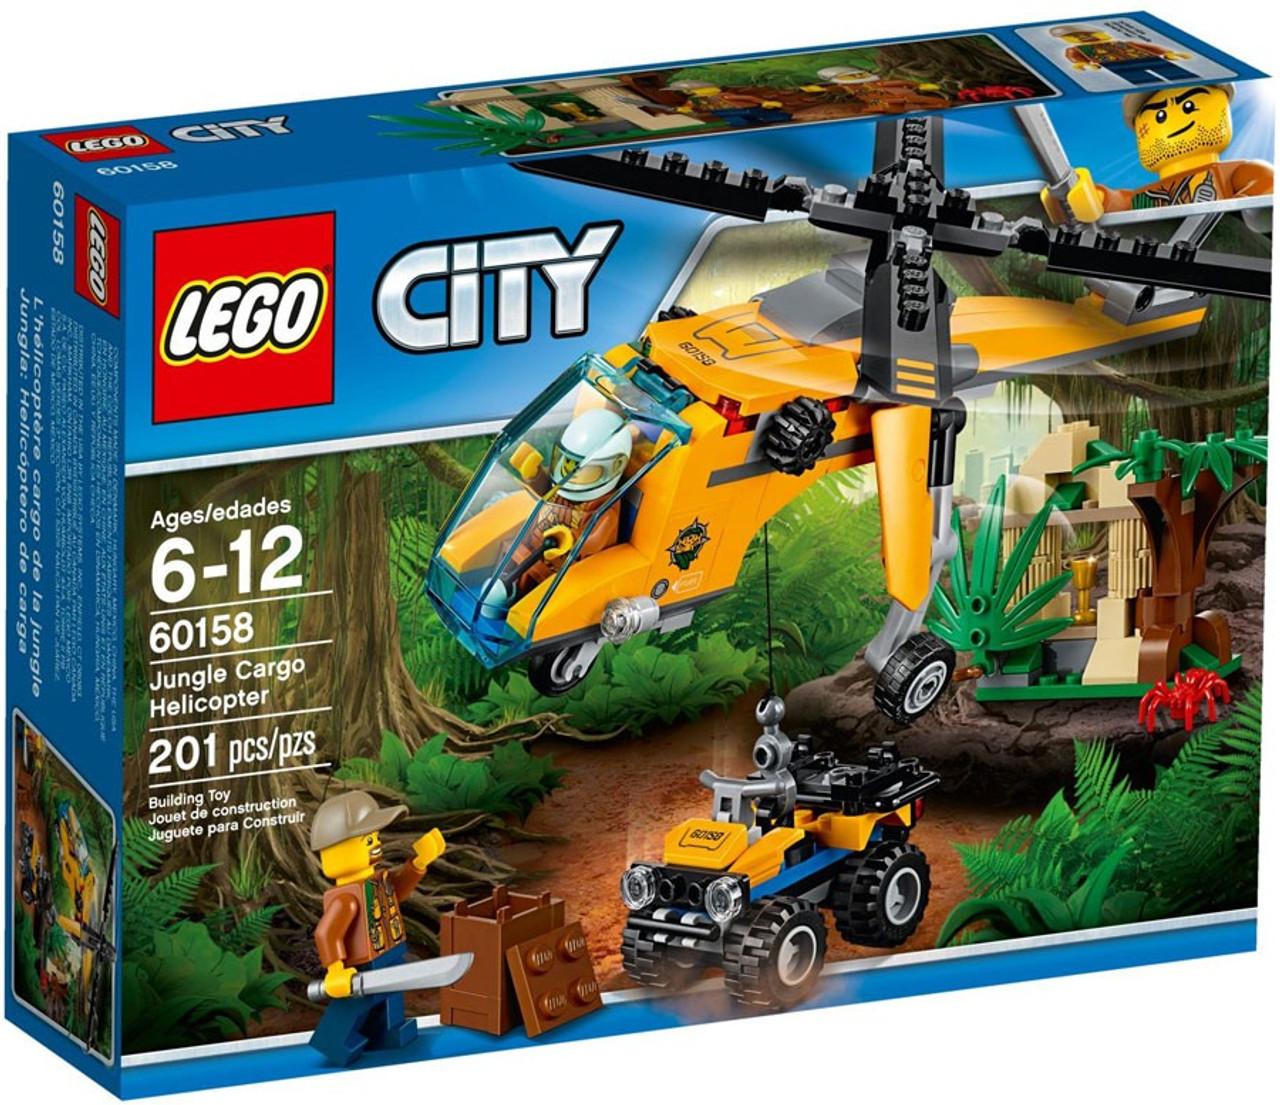 LEGO City Jungle Cargo Helicopter Set 60158 - ToyWiz